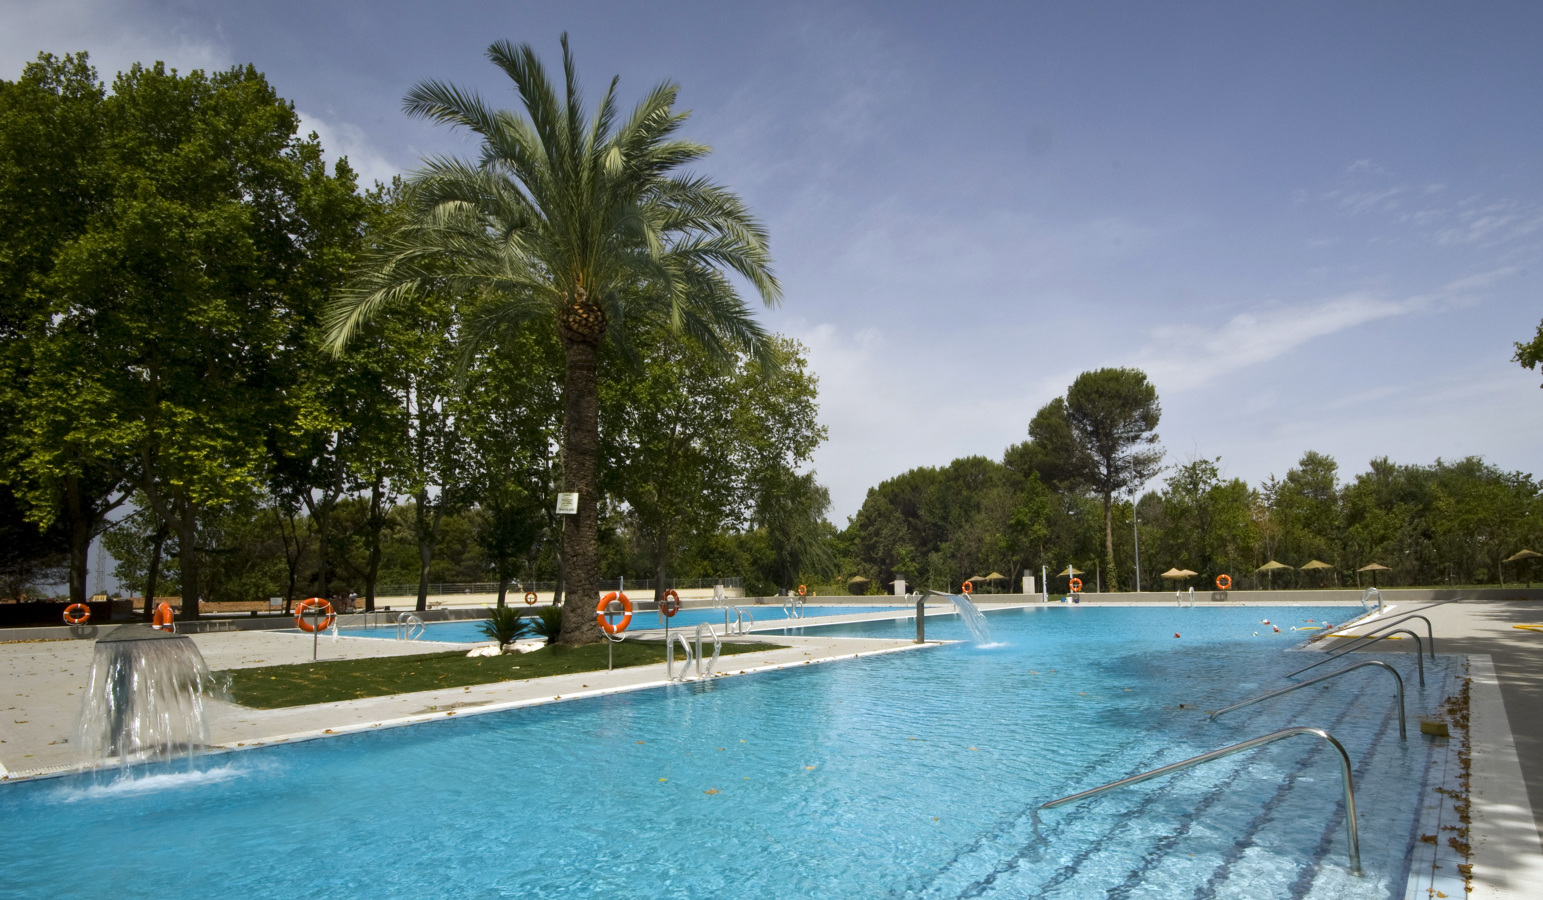 Foto piscina municipal montilla c rdoba de aryon for Piscina publica zaragoza